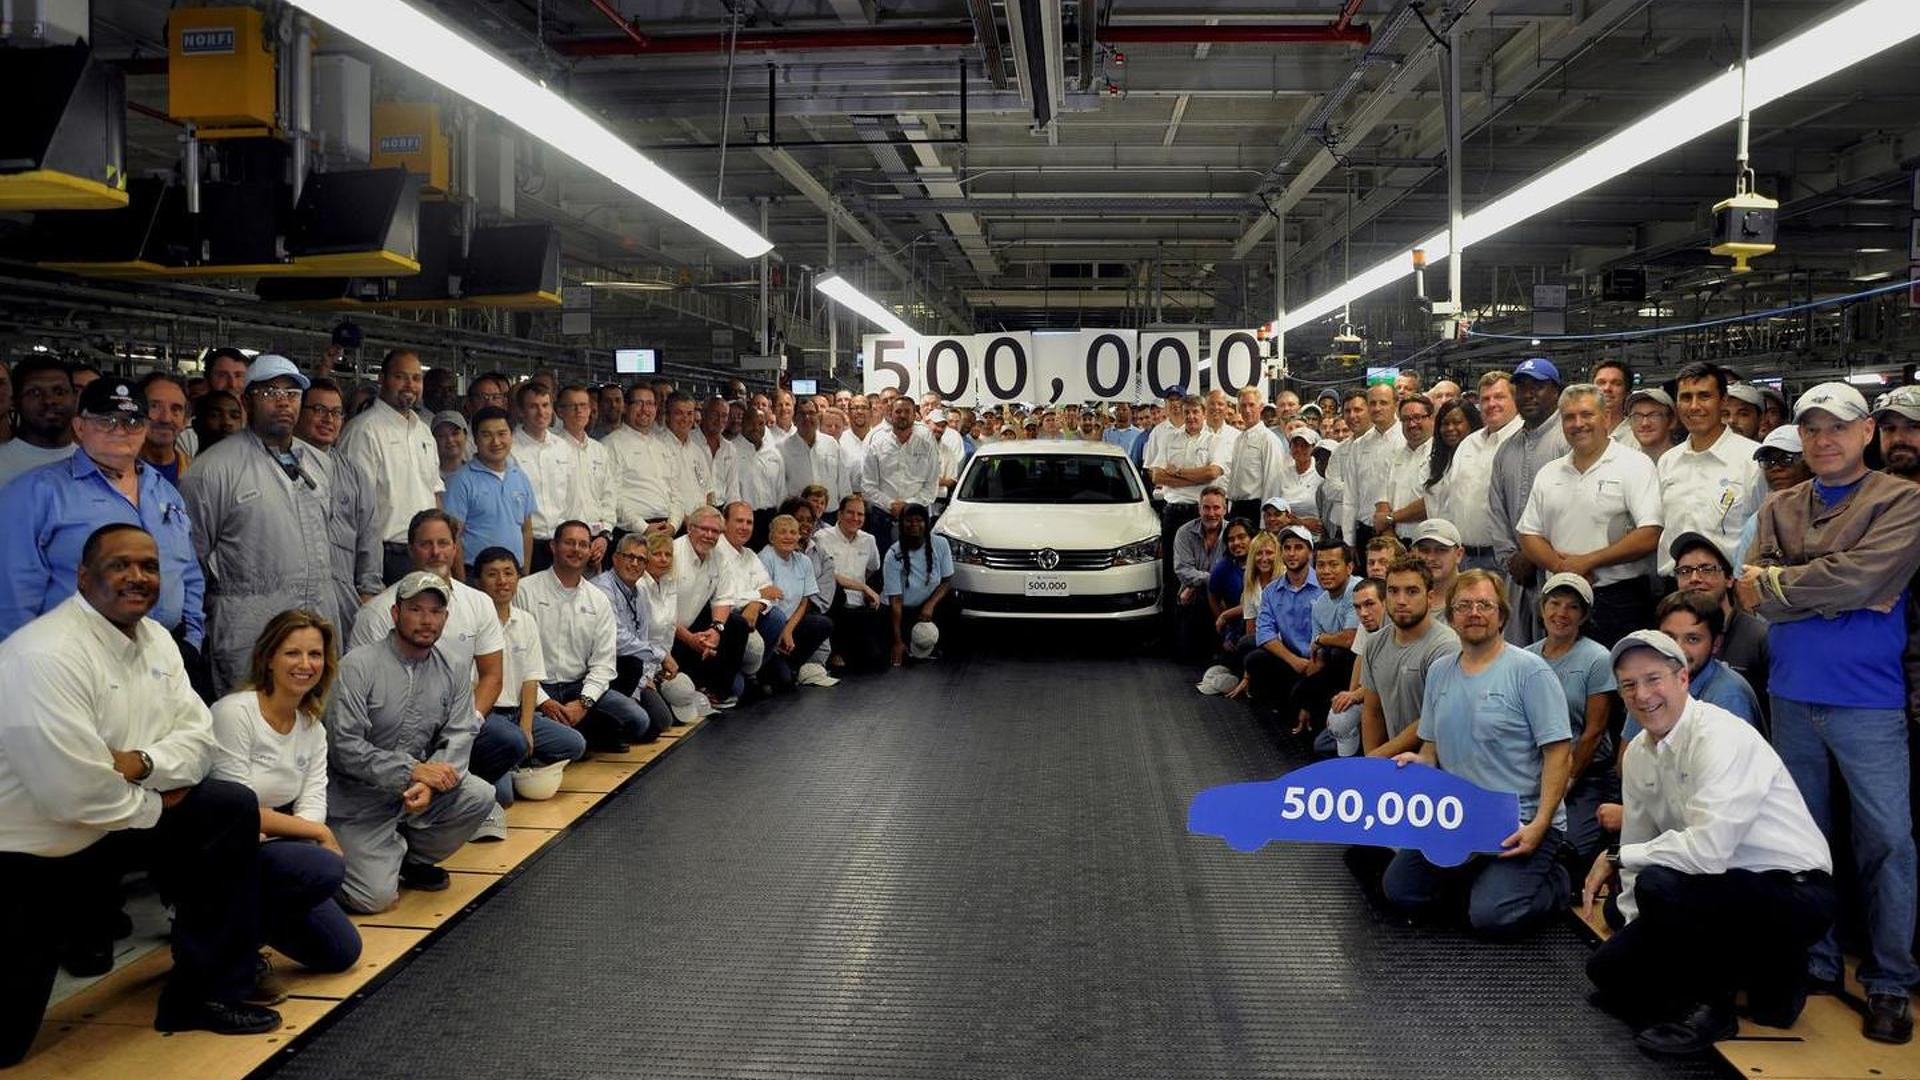 Volkswagen builds their 500,000th Passat in the U.S.